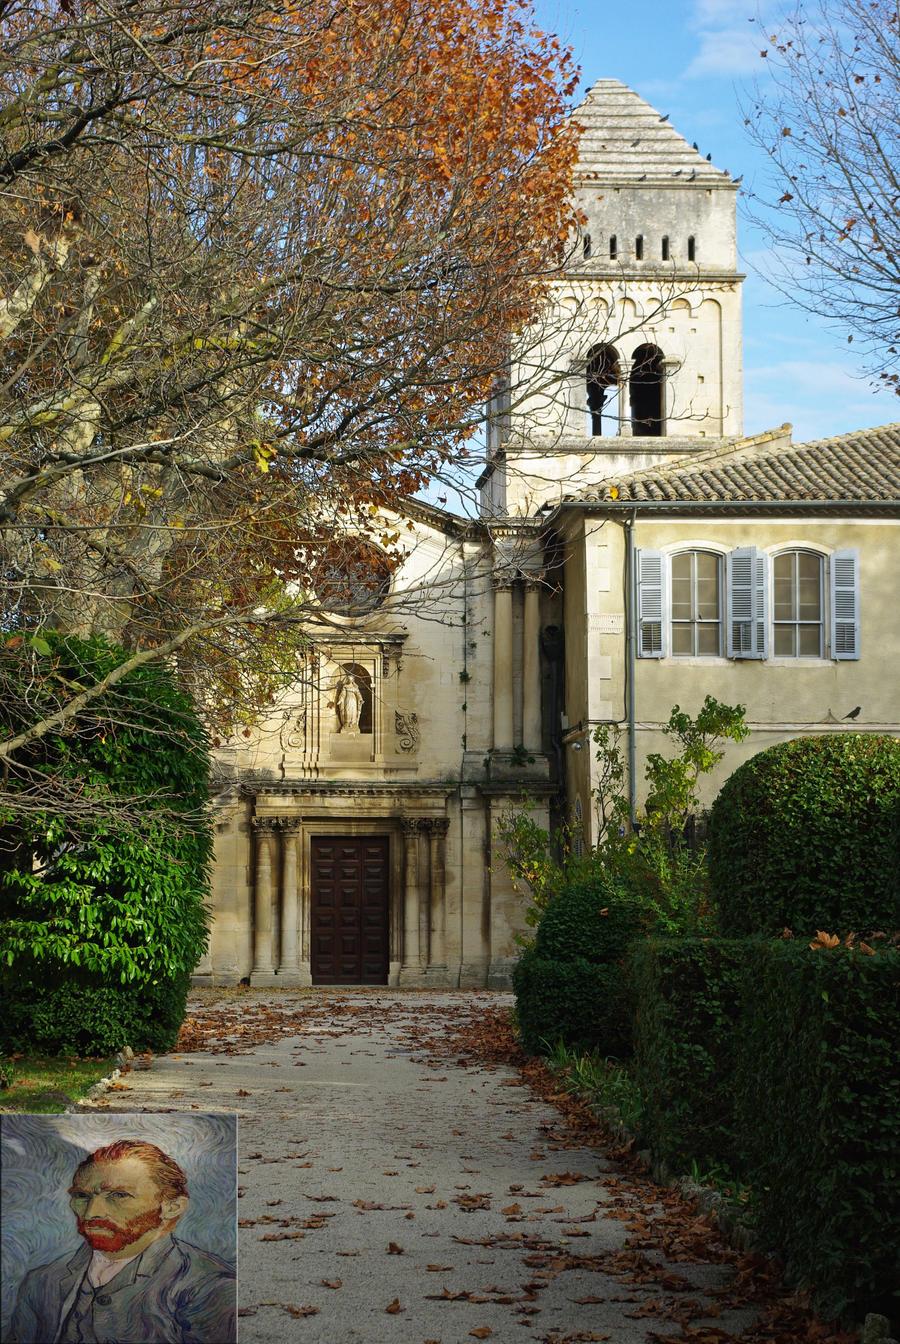 Asylum 1. St. Remy de Provence by jennystokes